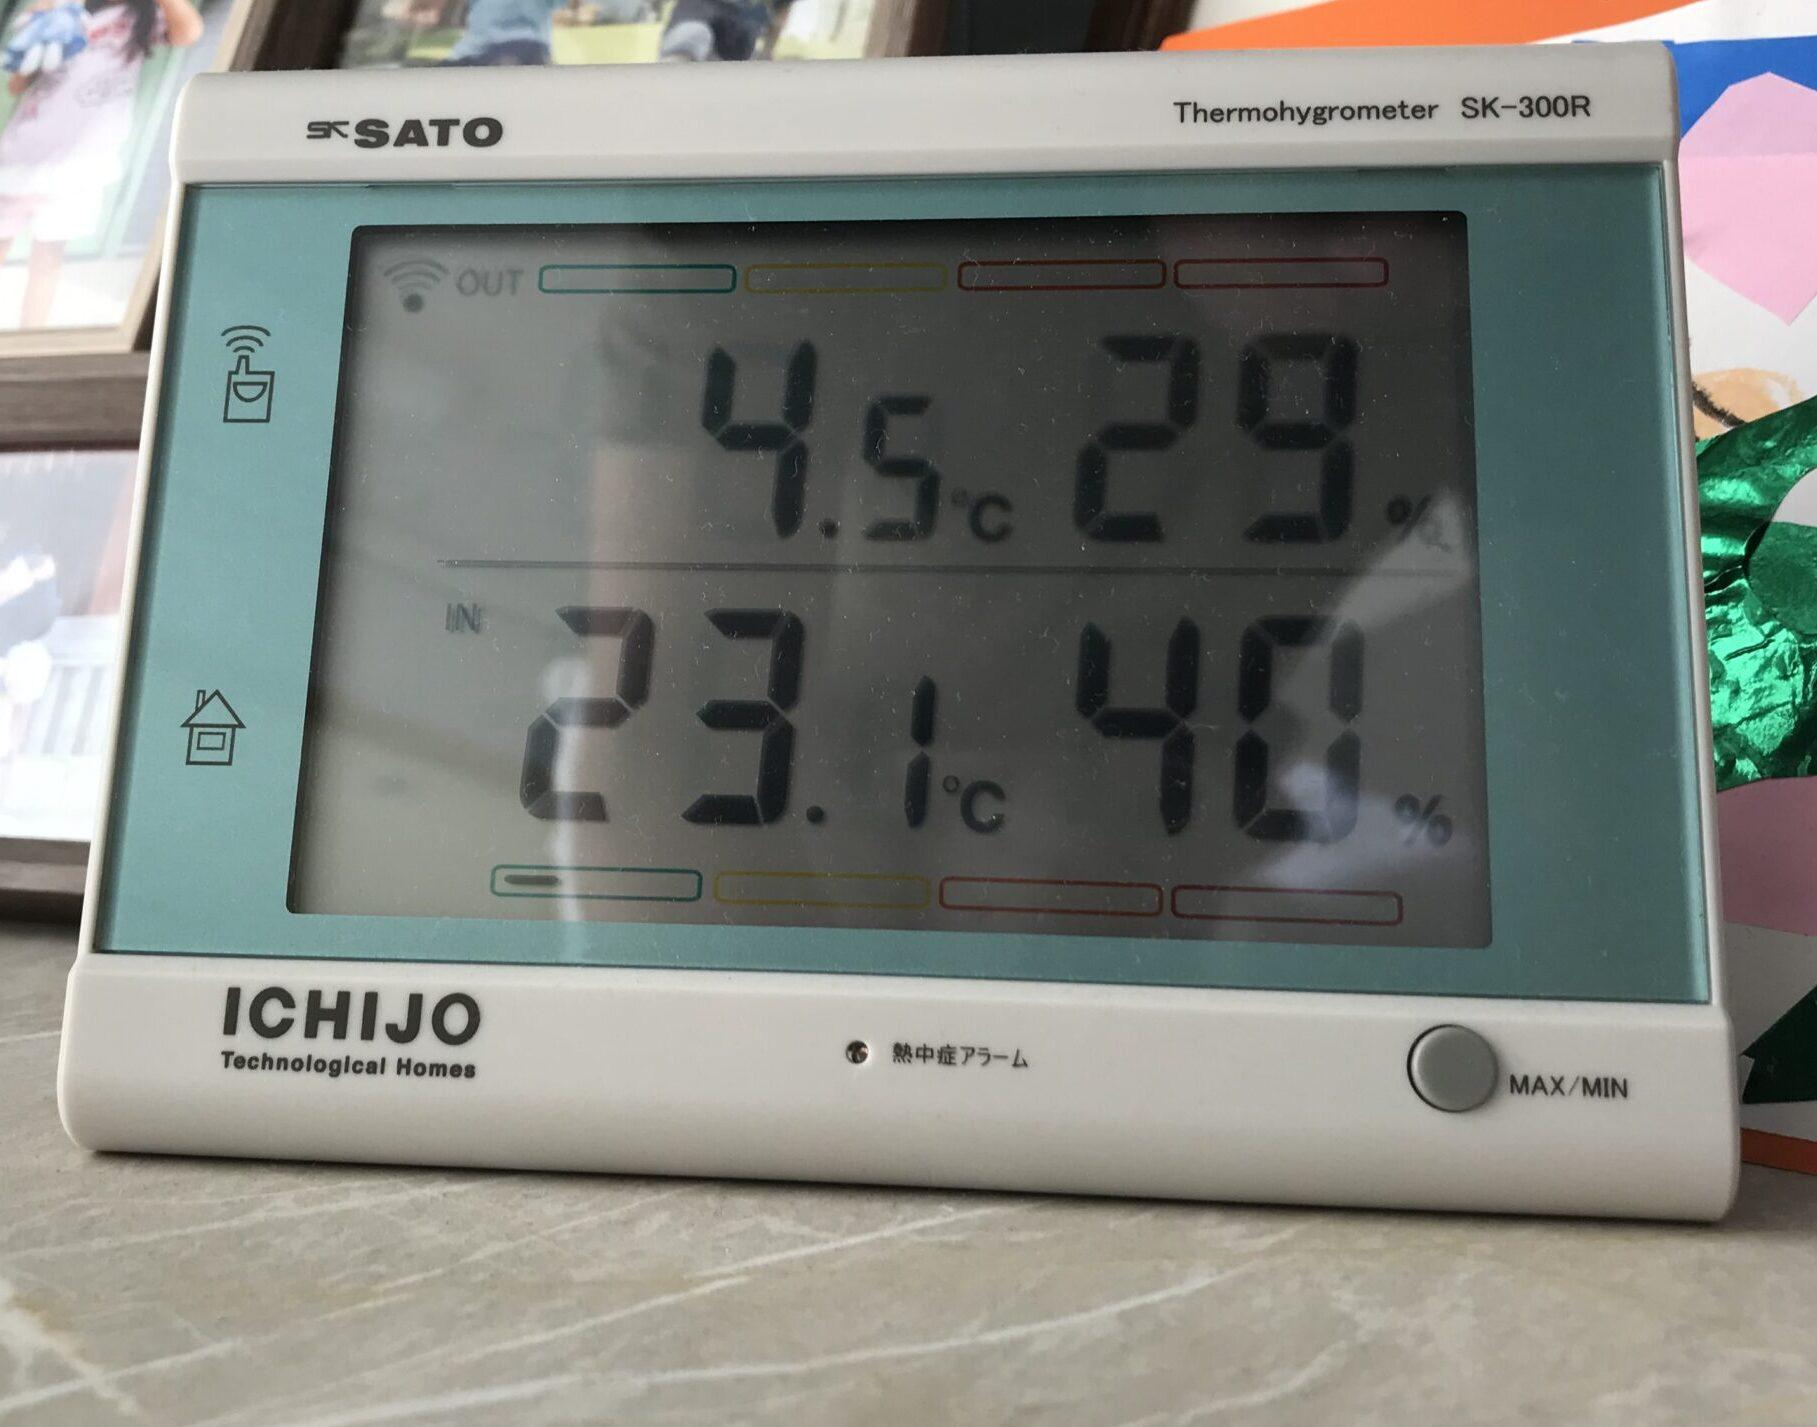 データーある中で一番湿度が低い写真